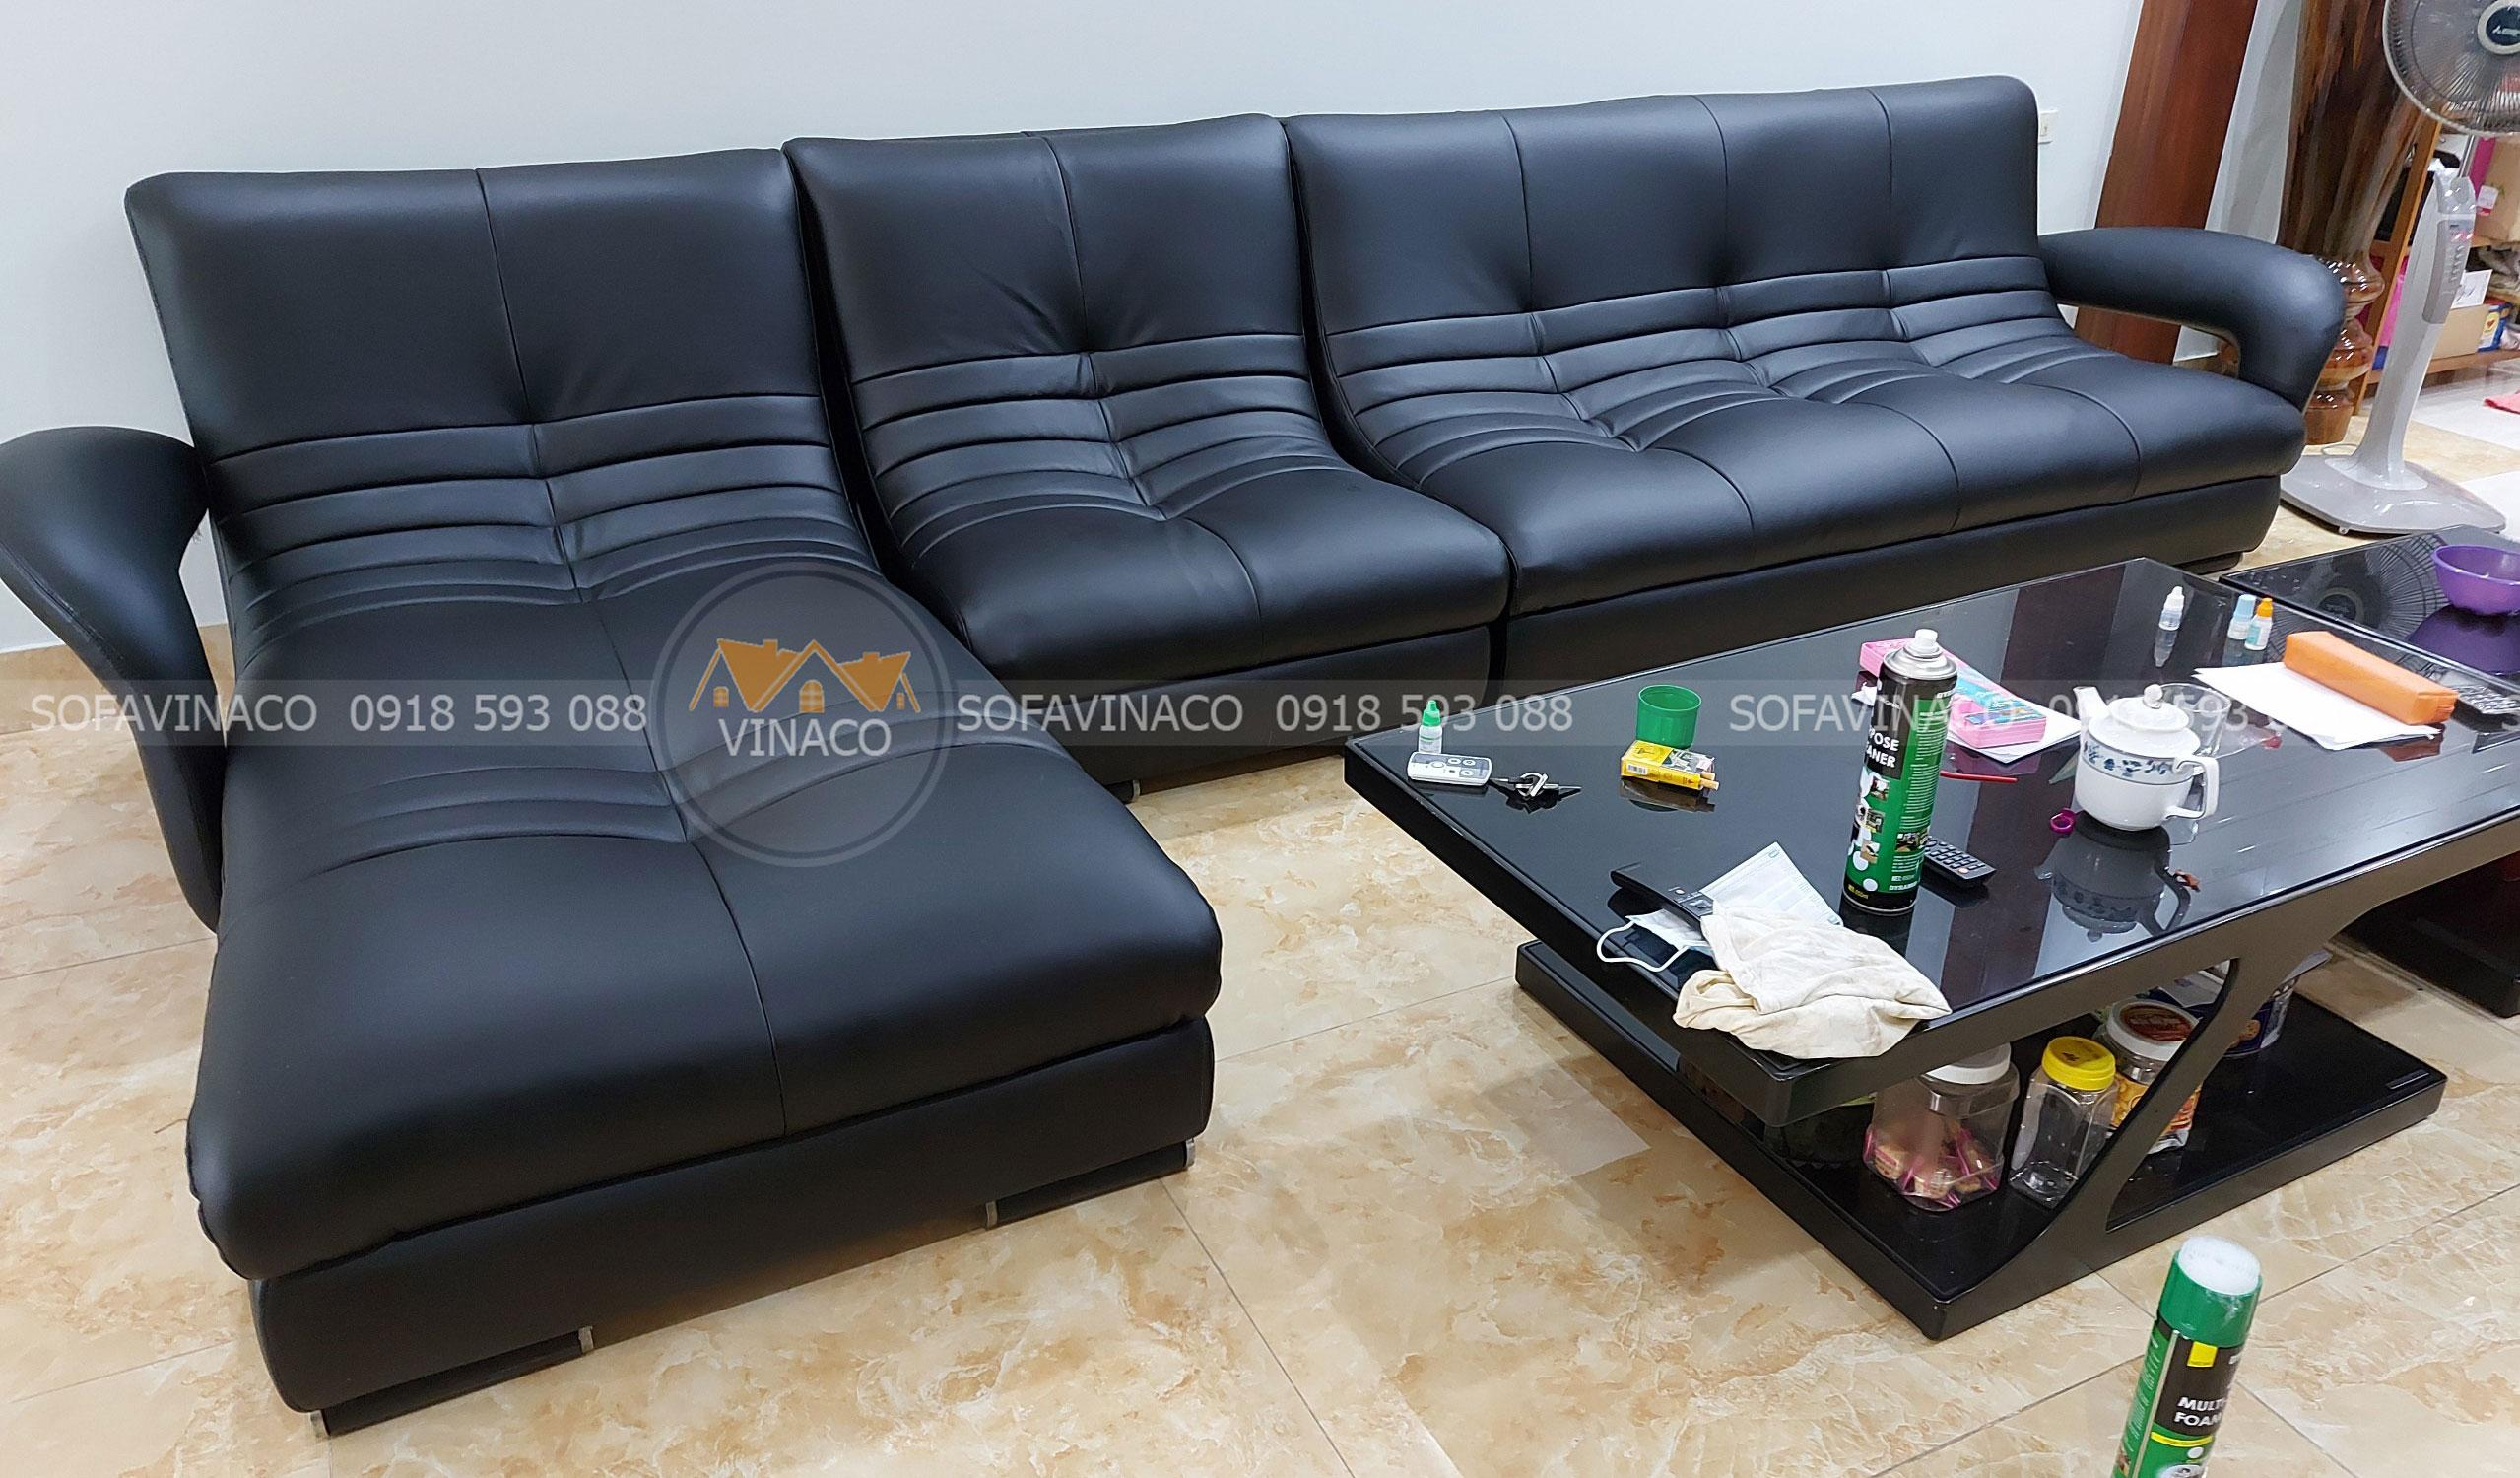 Bọc ghế sofa da chất lượng khỏi bàn tại Vĩnh Phúc